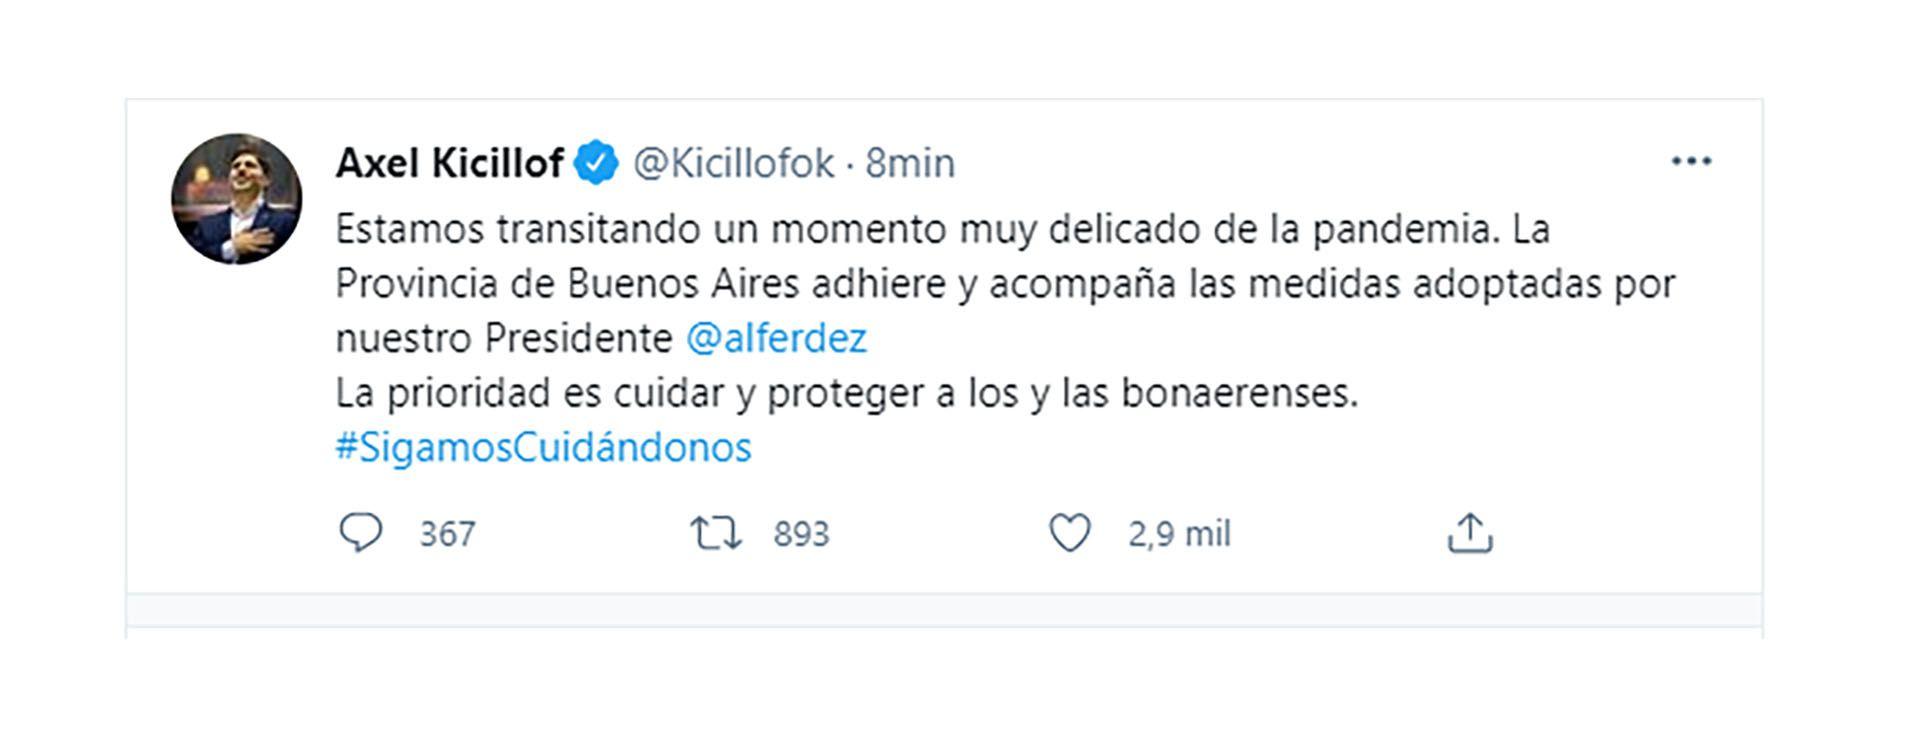 Tuit Axel Kicillof respalda medidas de restriccion